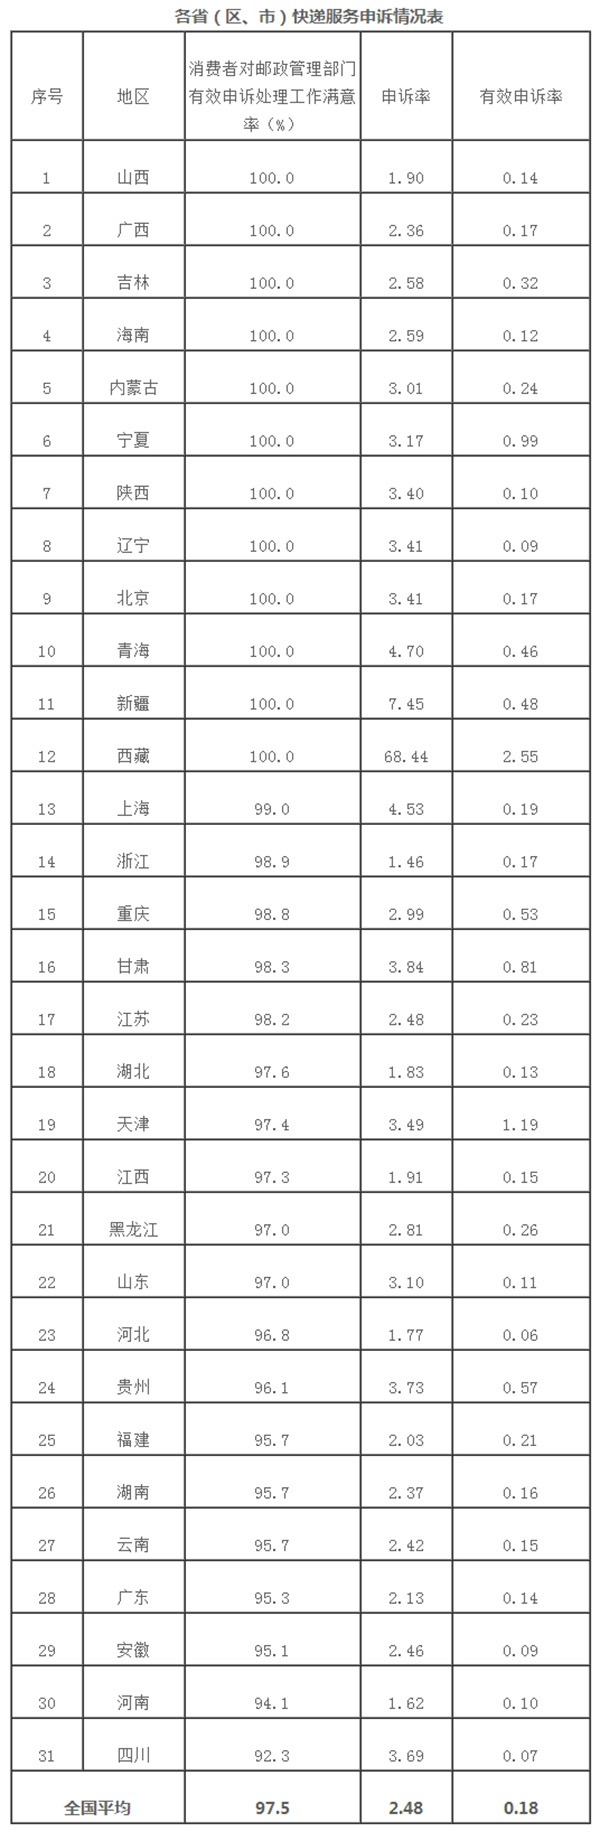 赌场骰子技巧 - 快讯!日本女星泽尻英龙华拘留时间延长10天